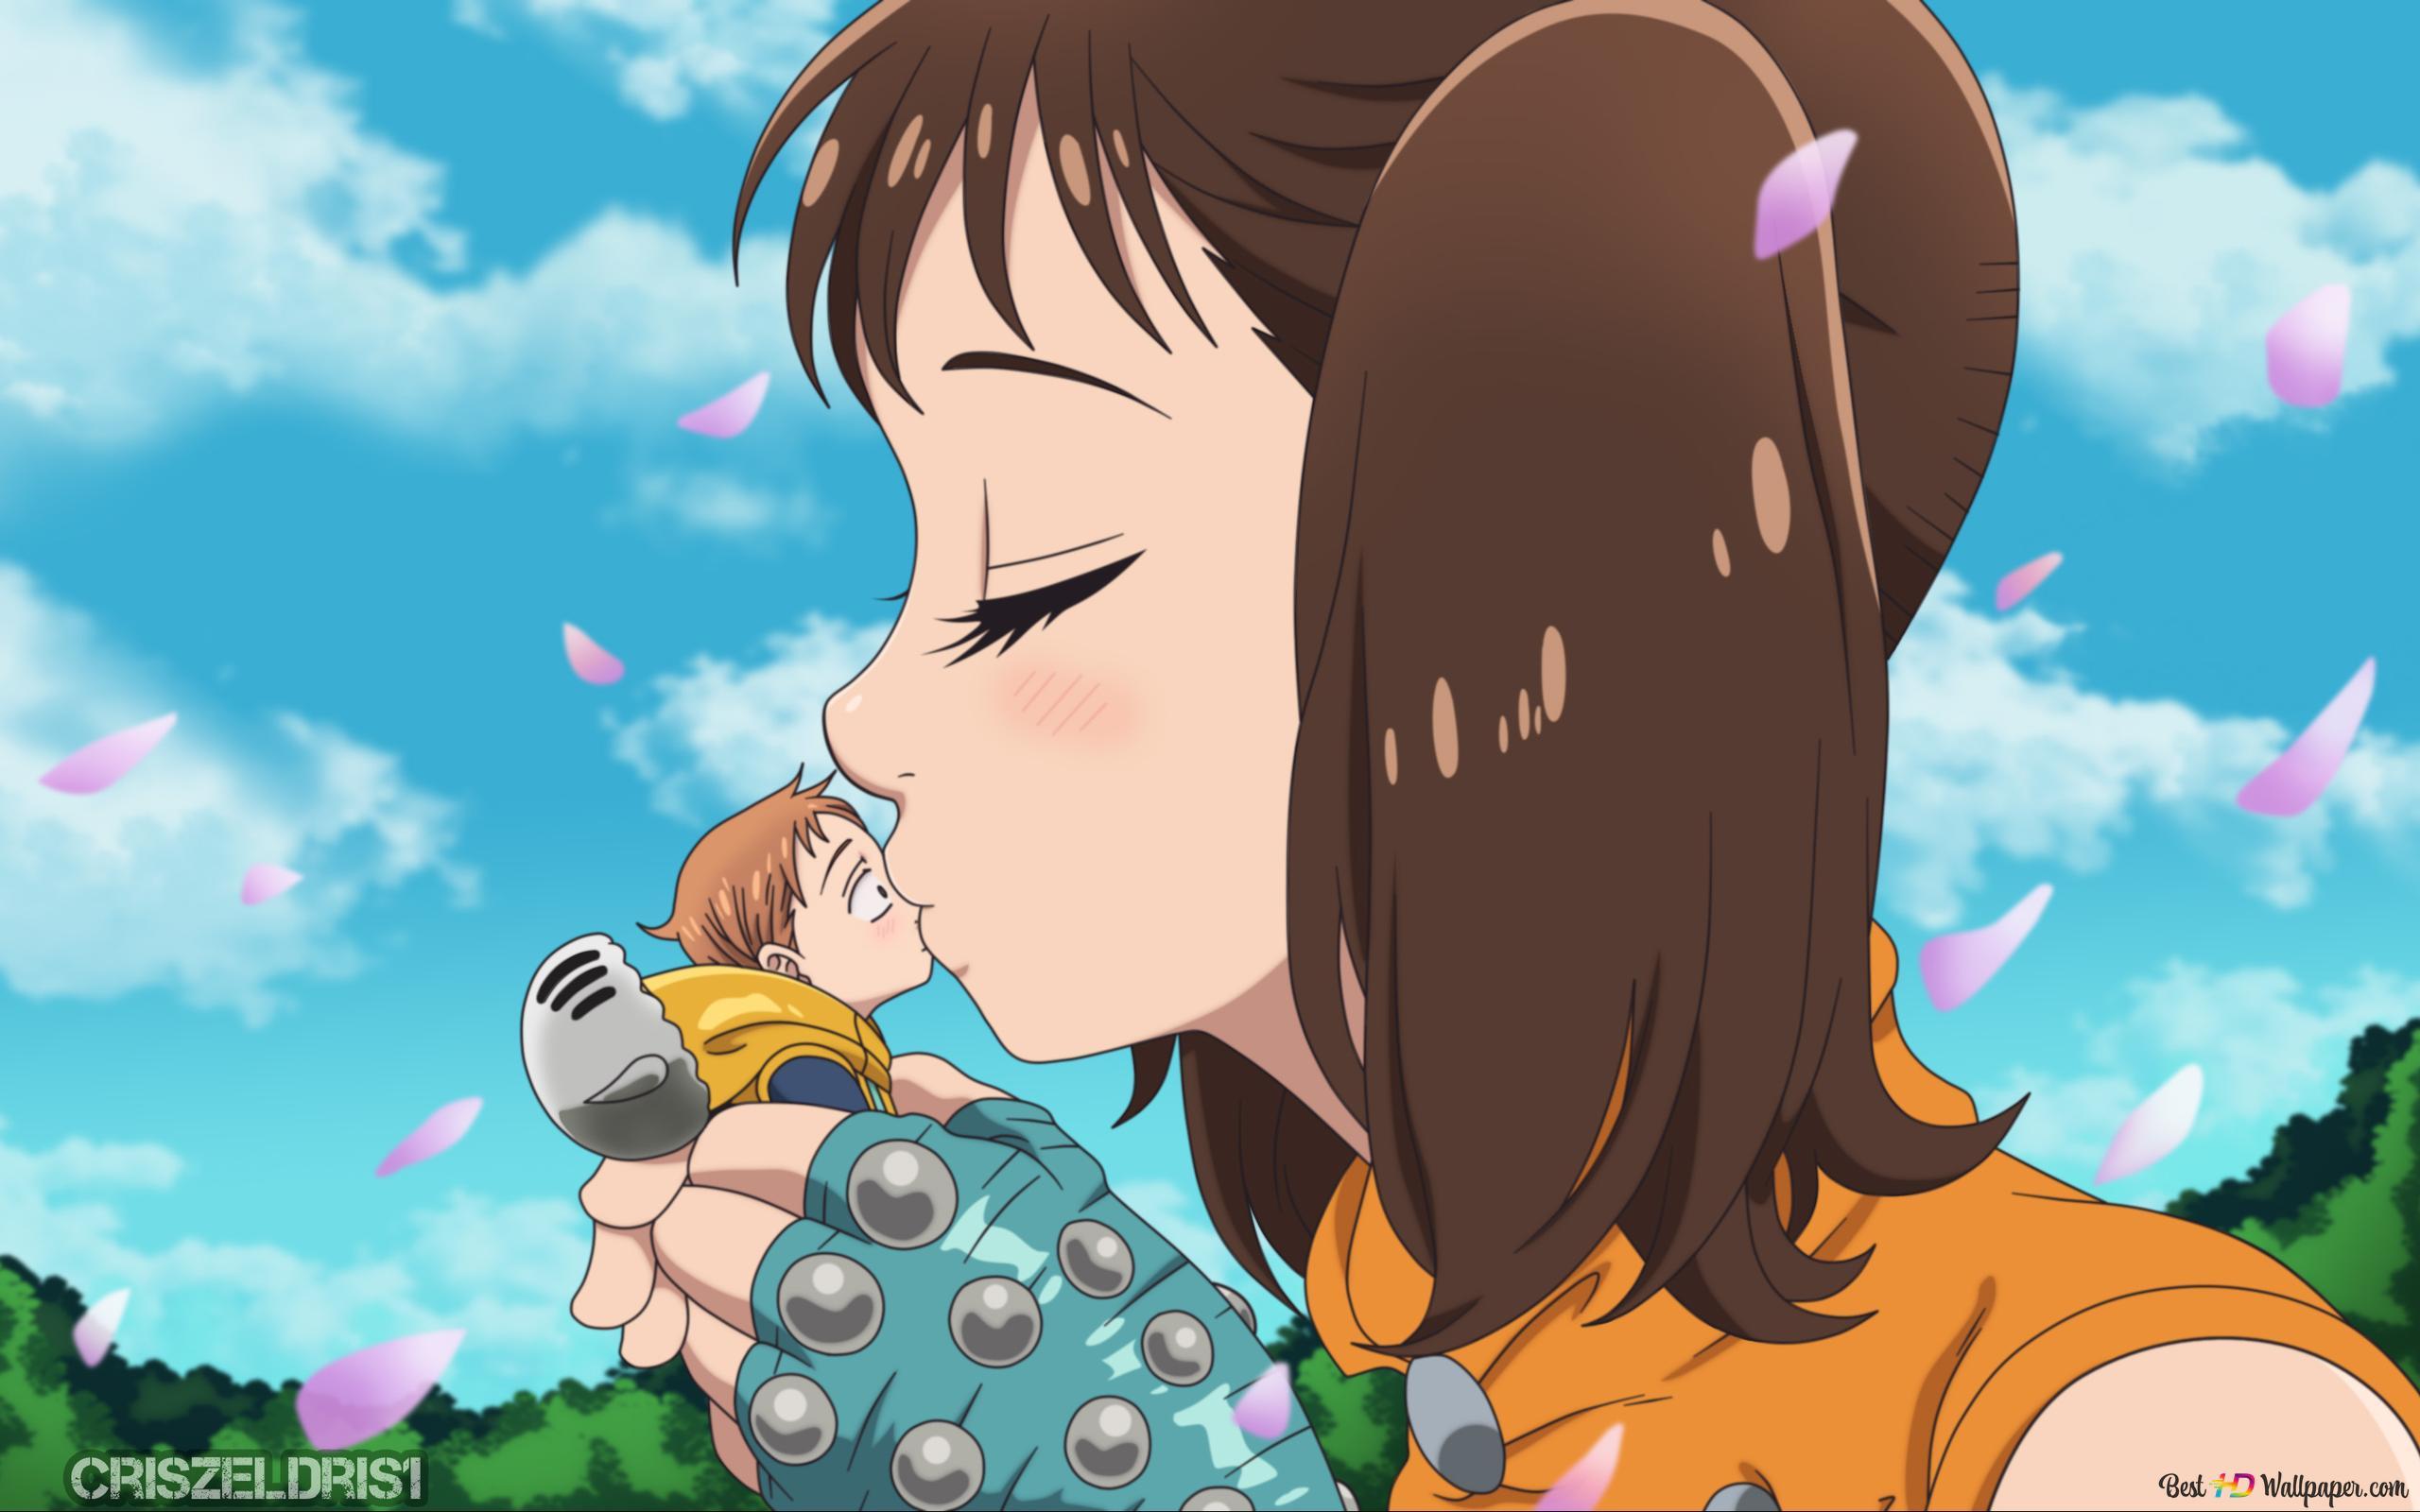 The Seven Deadly Sins King X Diane Kiss Anime Style Hd Wallpaper